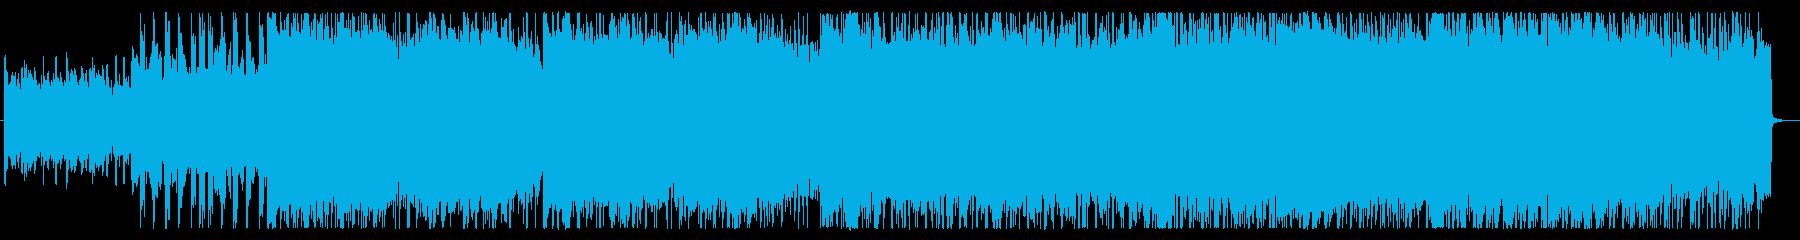 和太鼓と笛の戦国時代風バトルBGMの再生済みの波形